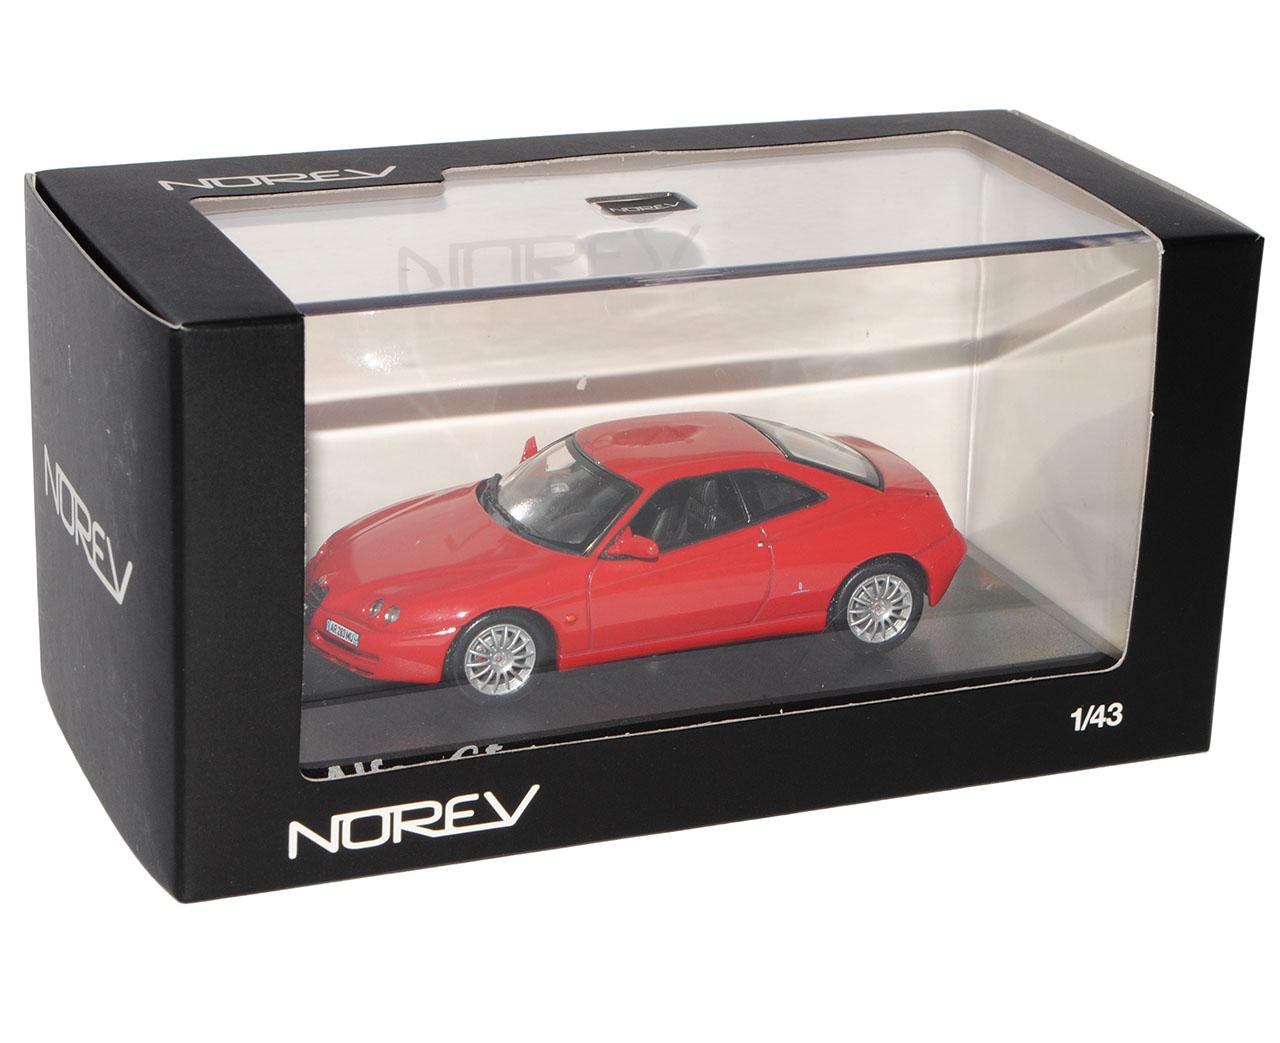 Alfa Romeo GTV GTV GTV 916 Coupe rojo 1994-2005 1 43 Norev modelos coches con o sin en... efa53b